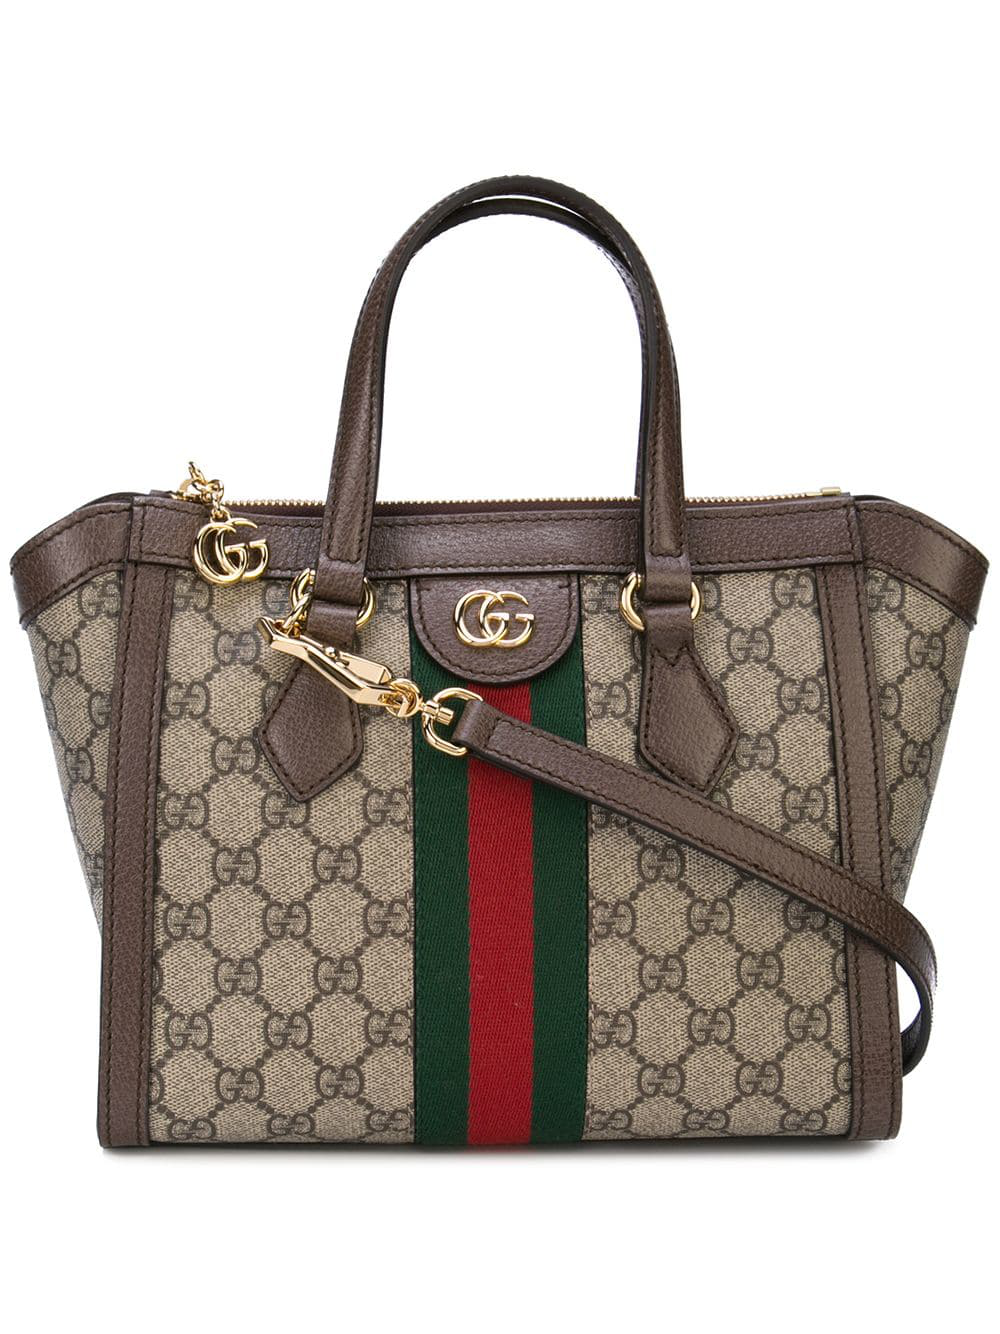 b0c5d43e93c8 Gucci Ophidia Small Gg Supreme Canvas Tote Bag In Brown | ModeSens